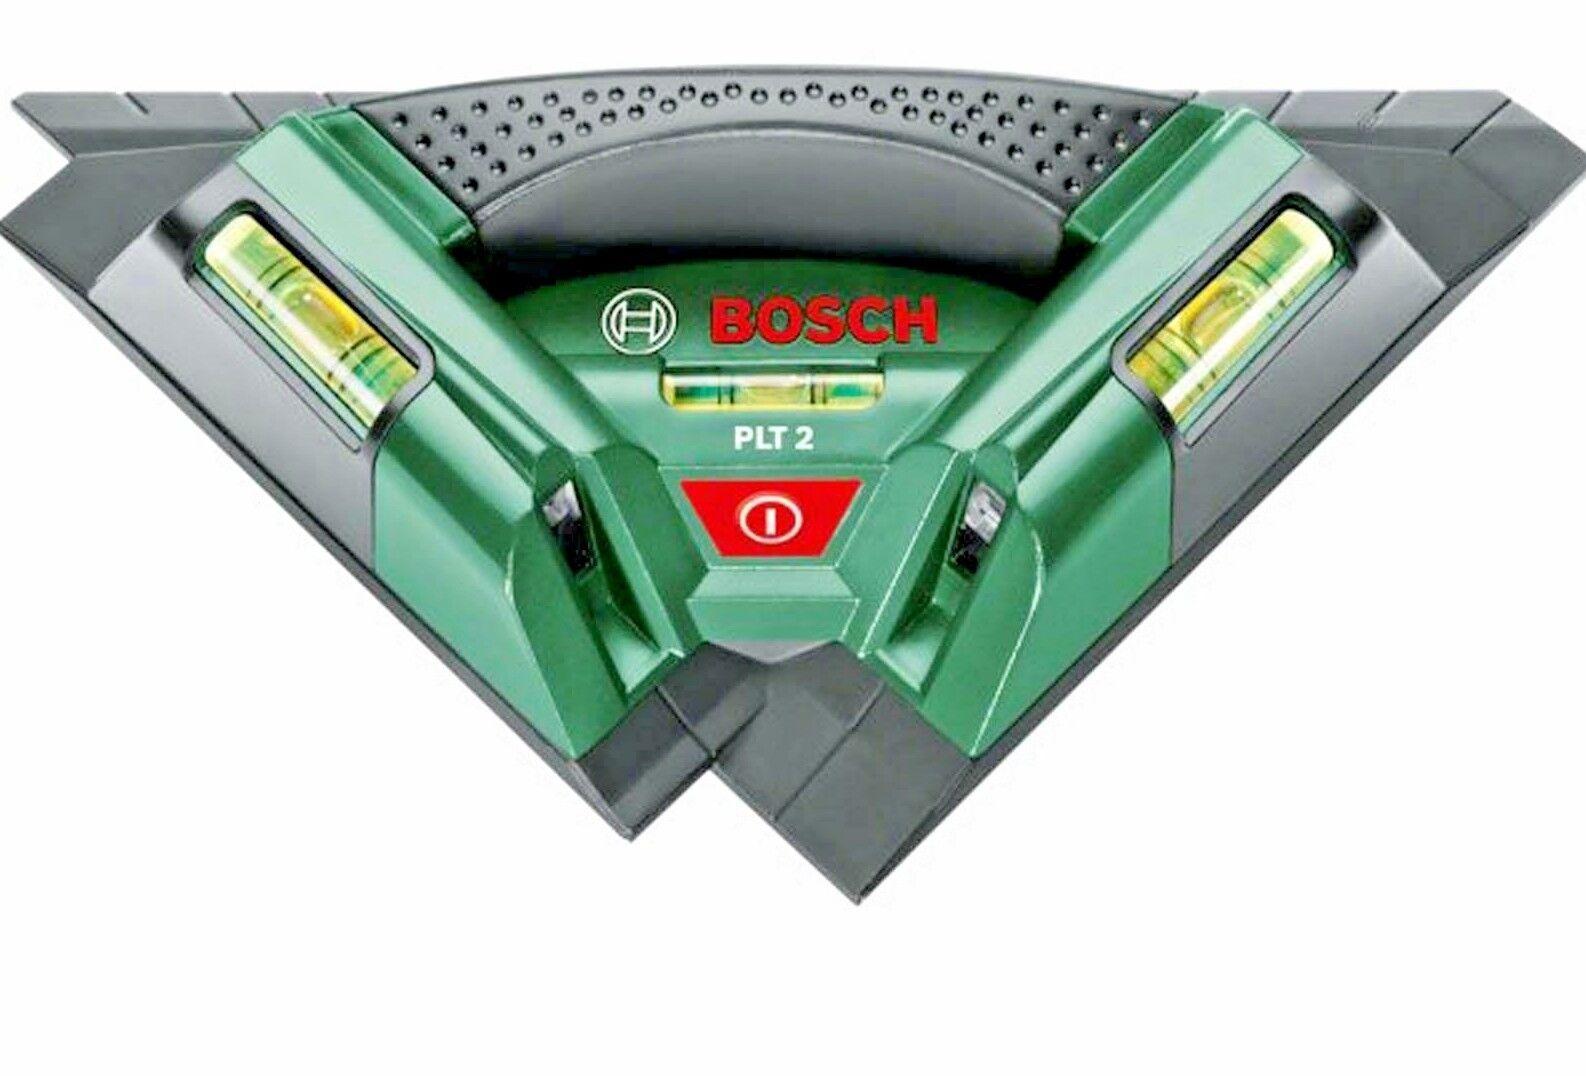 Bosch Grün PLT2 7m Tile Laser Level, DIY,LASER,LEVEL,TOOLS